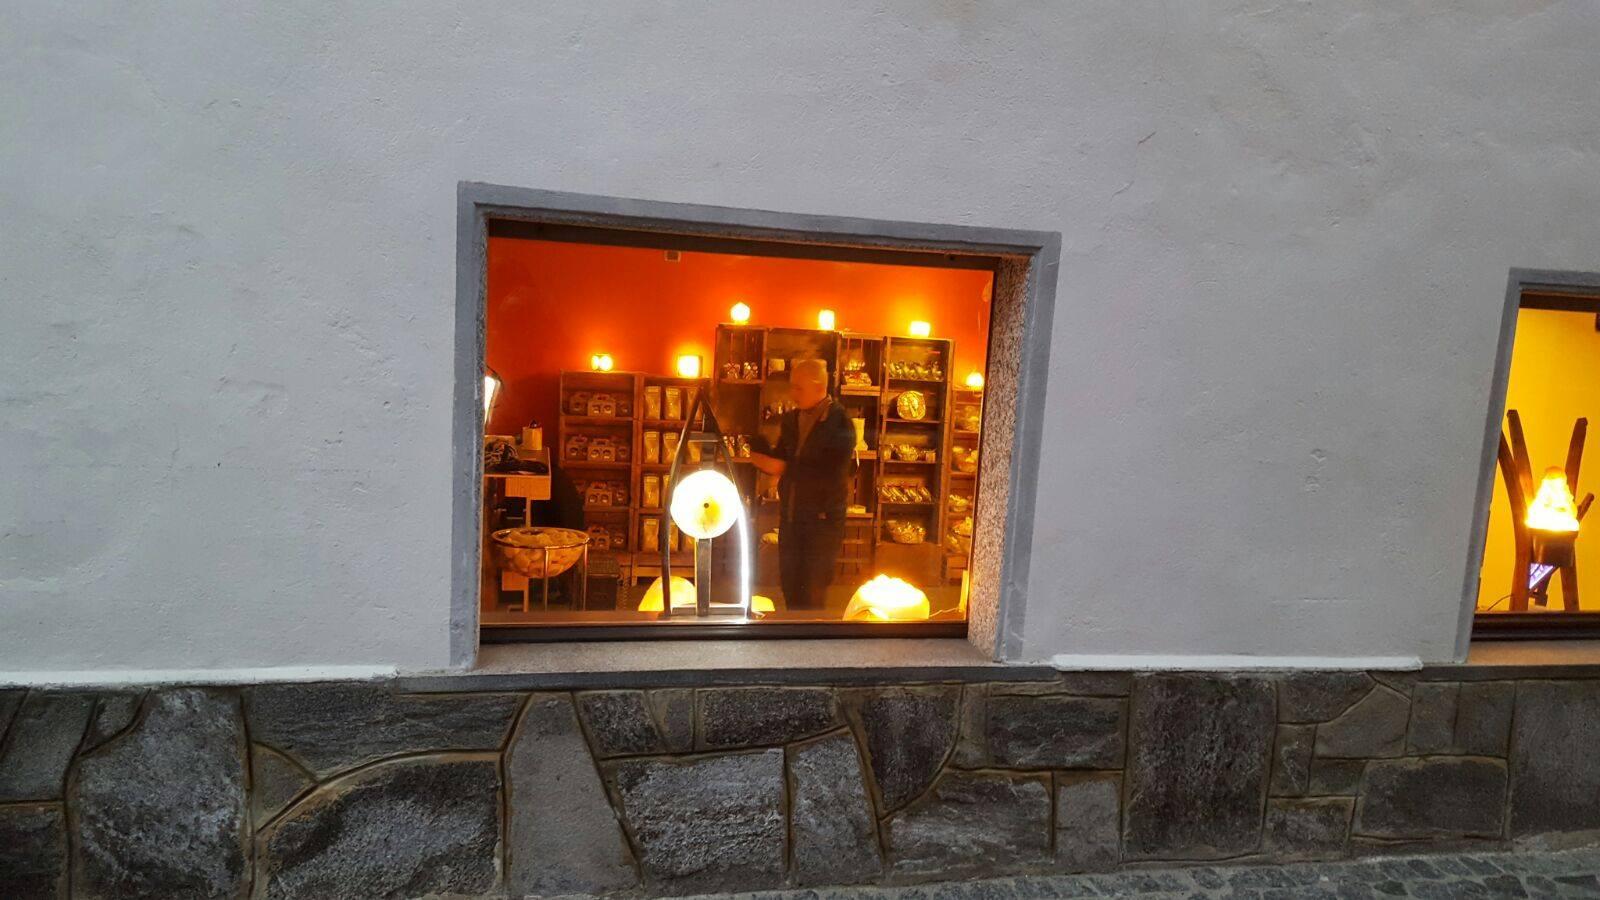 vetrina esterna del negozio